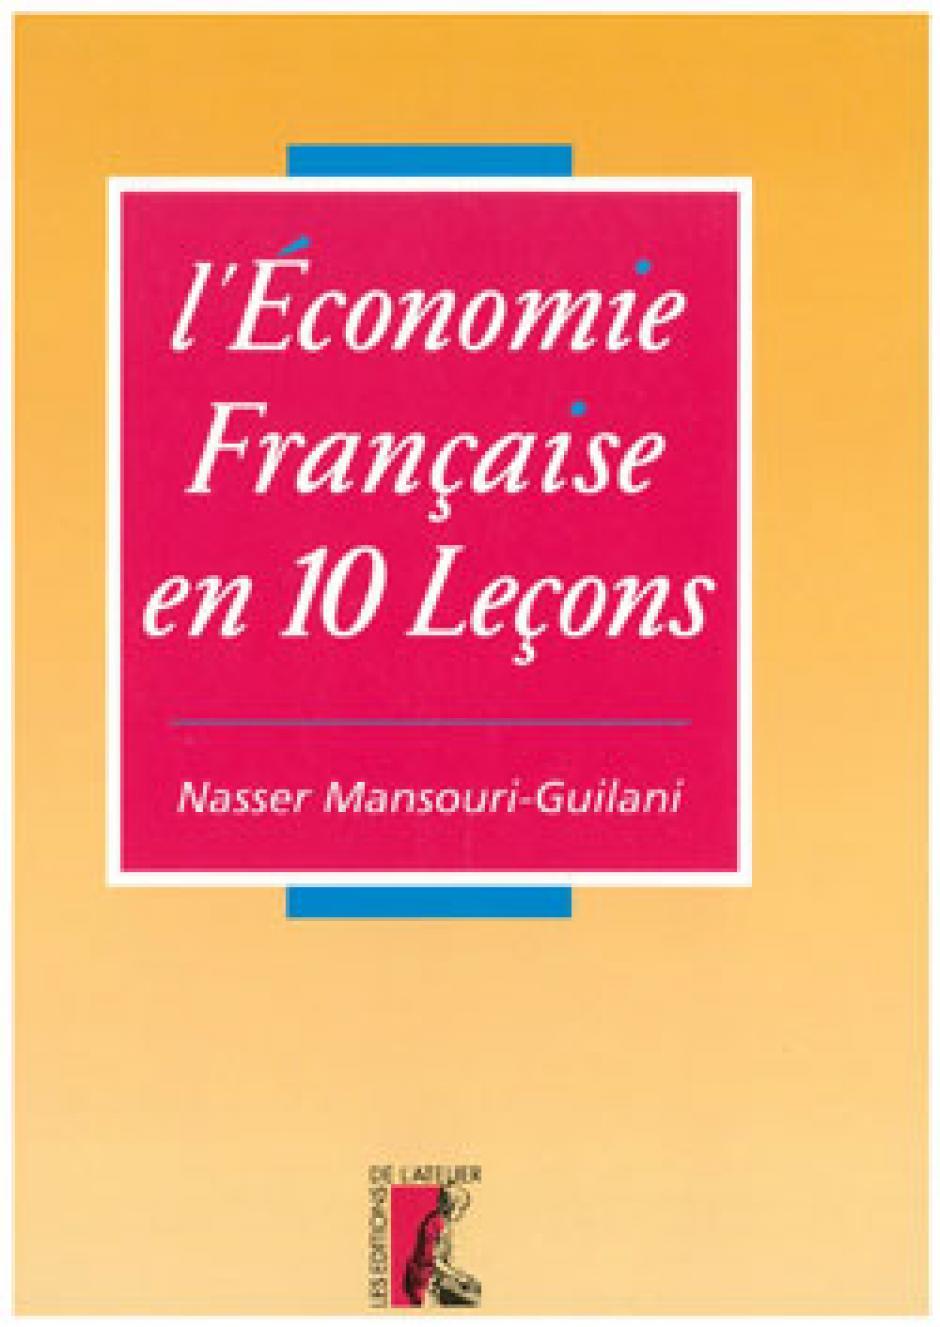 L'économie française en 10 leçons - Nasser Mansouri-Guilani